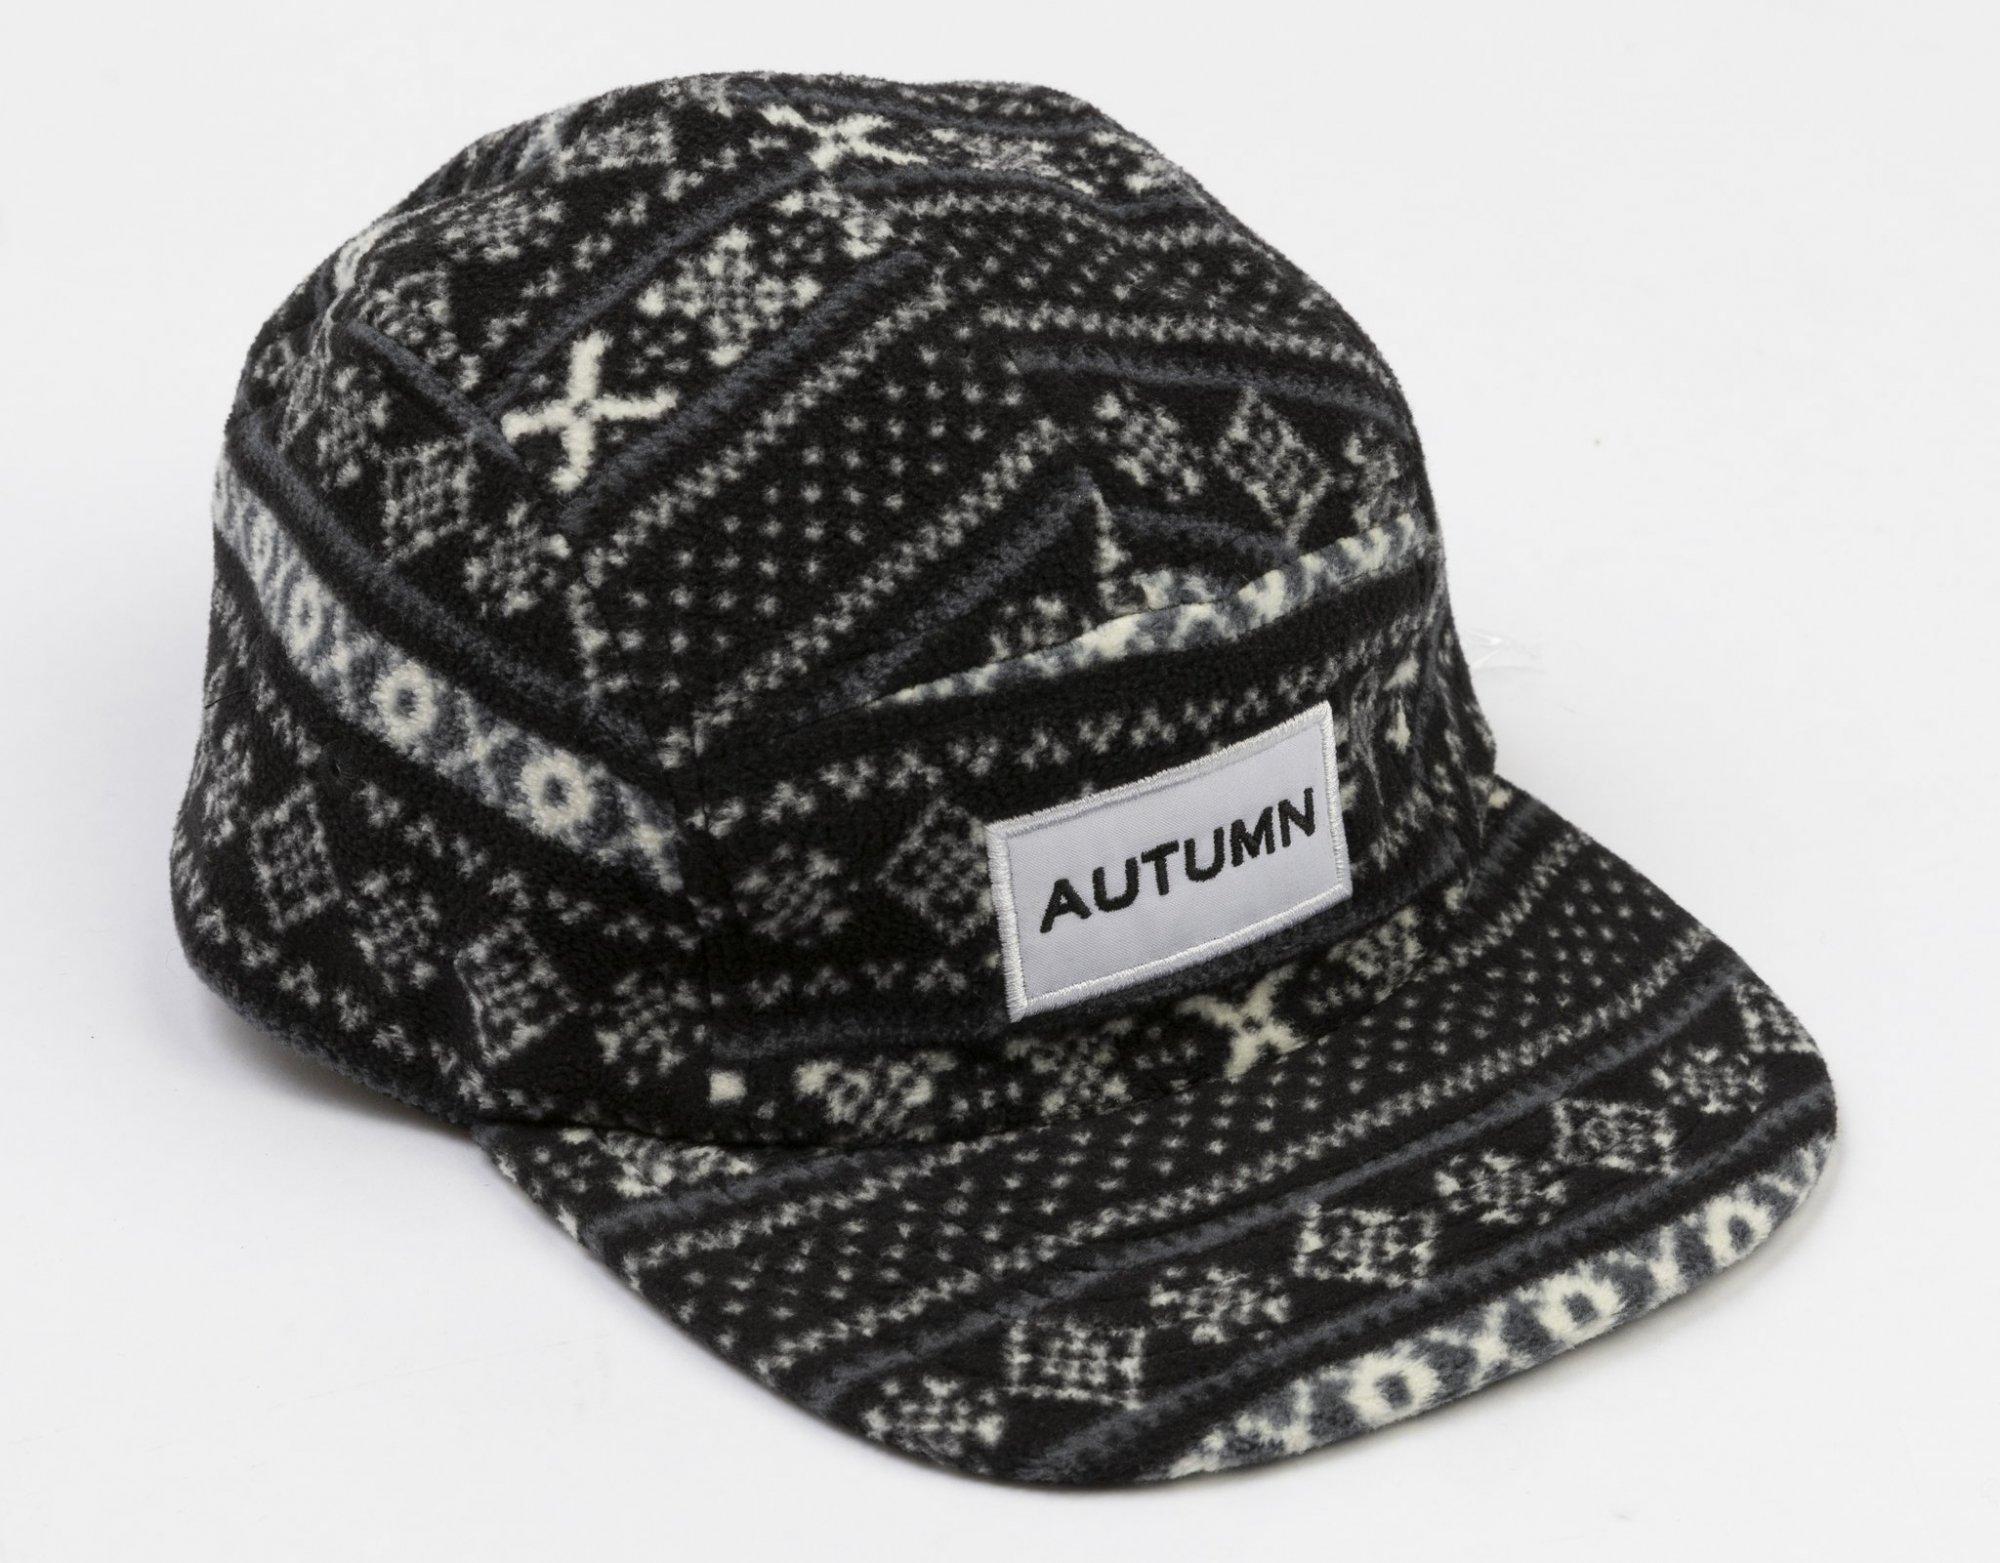 Autumn Fleece 5 Panel Hat